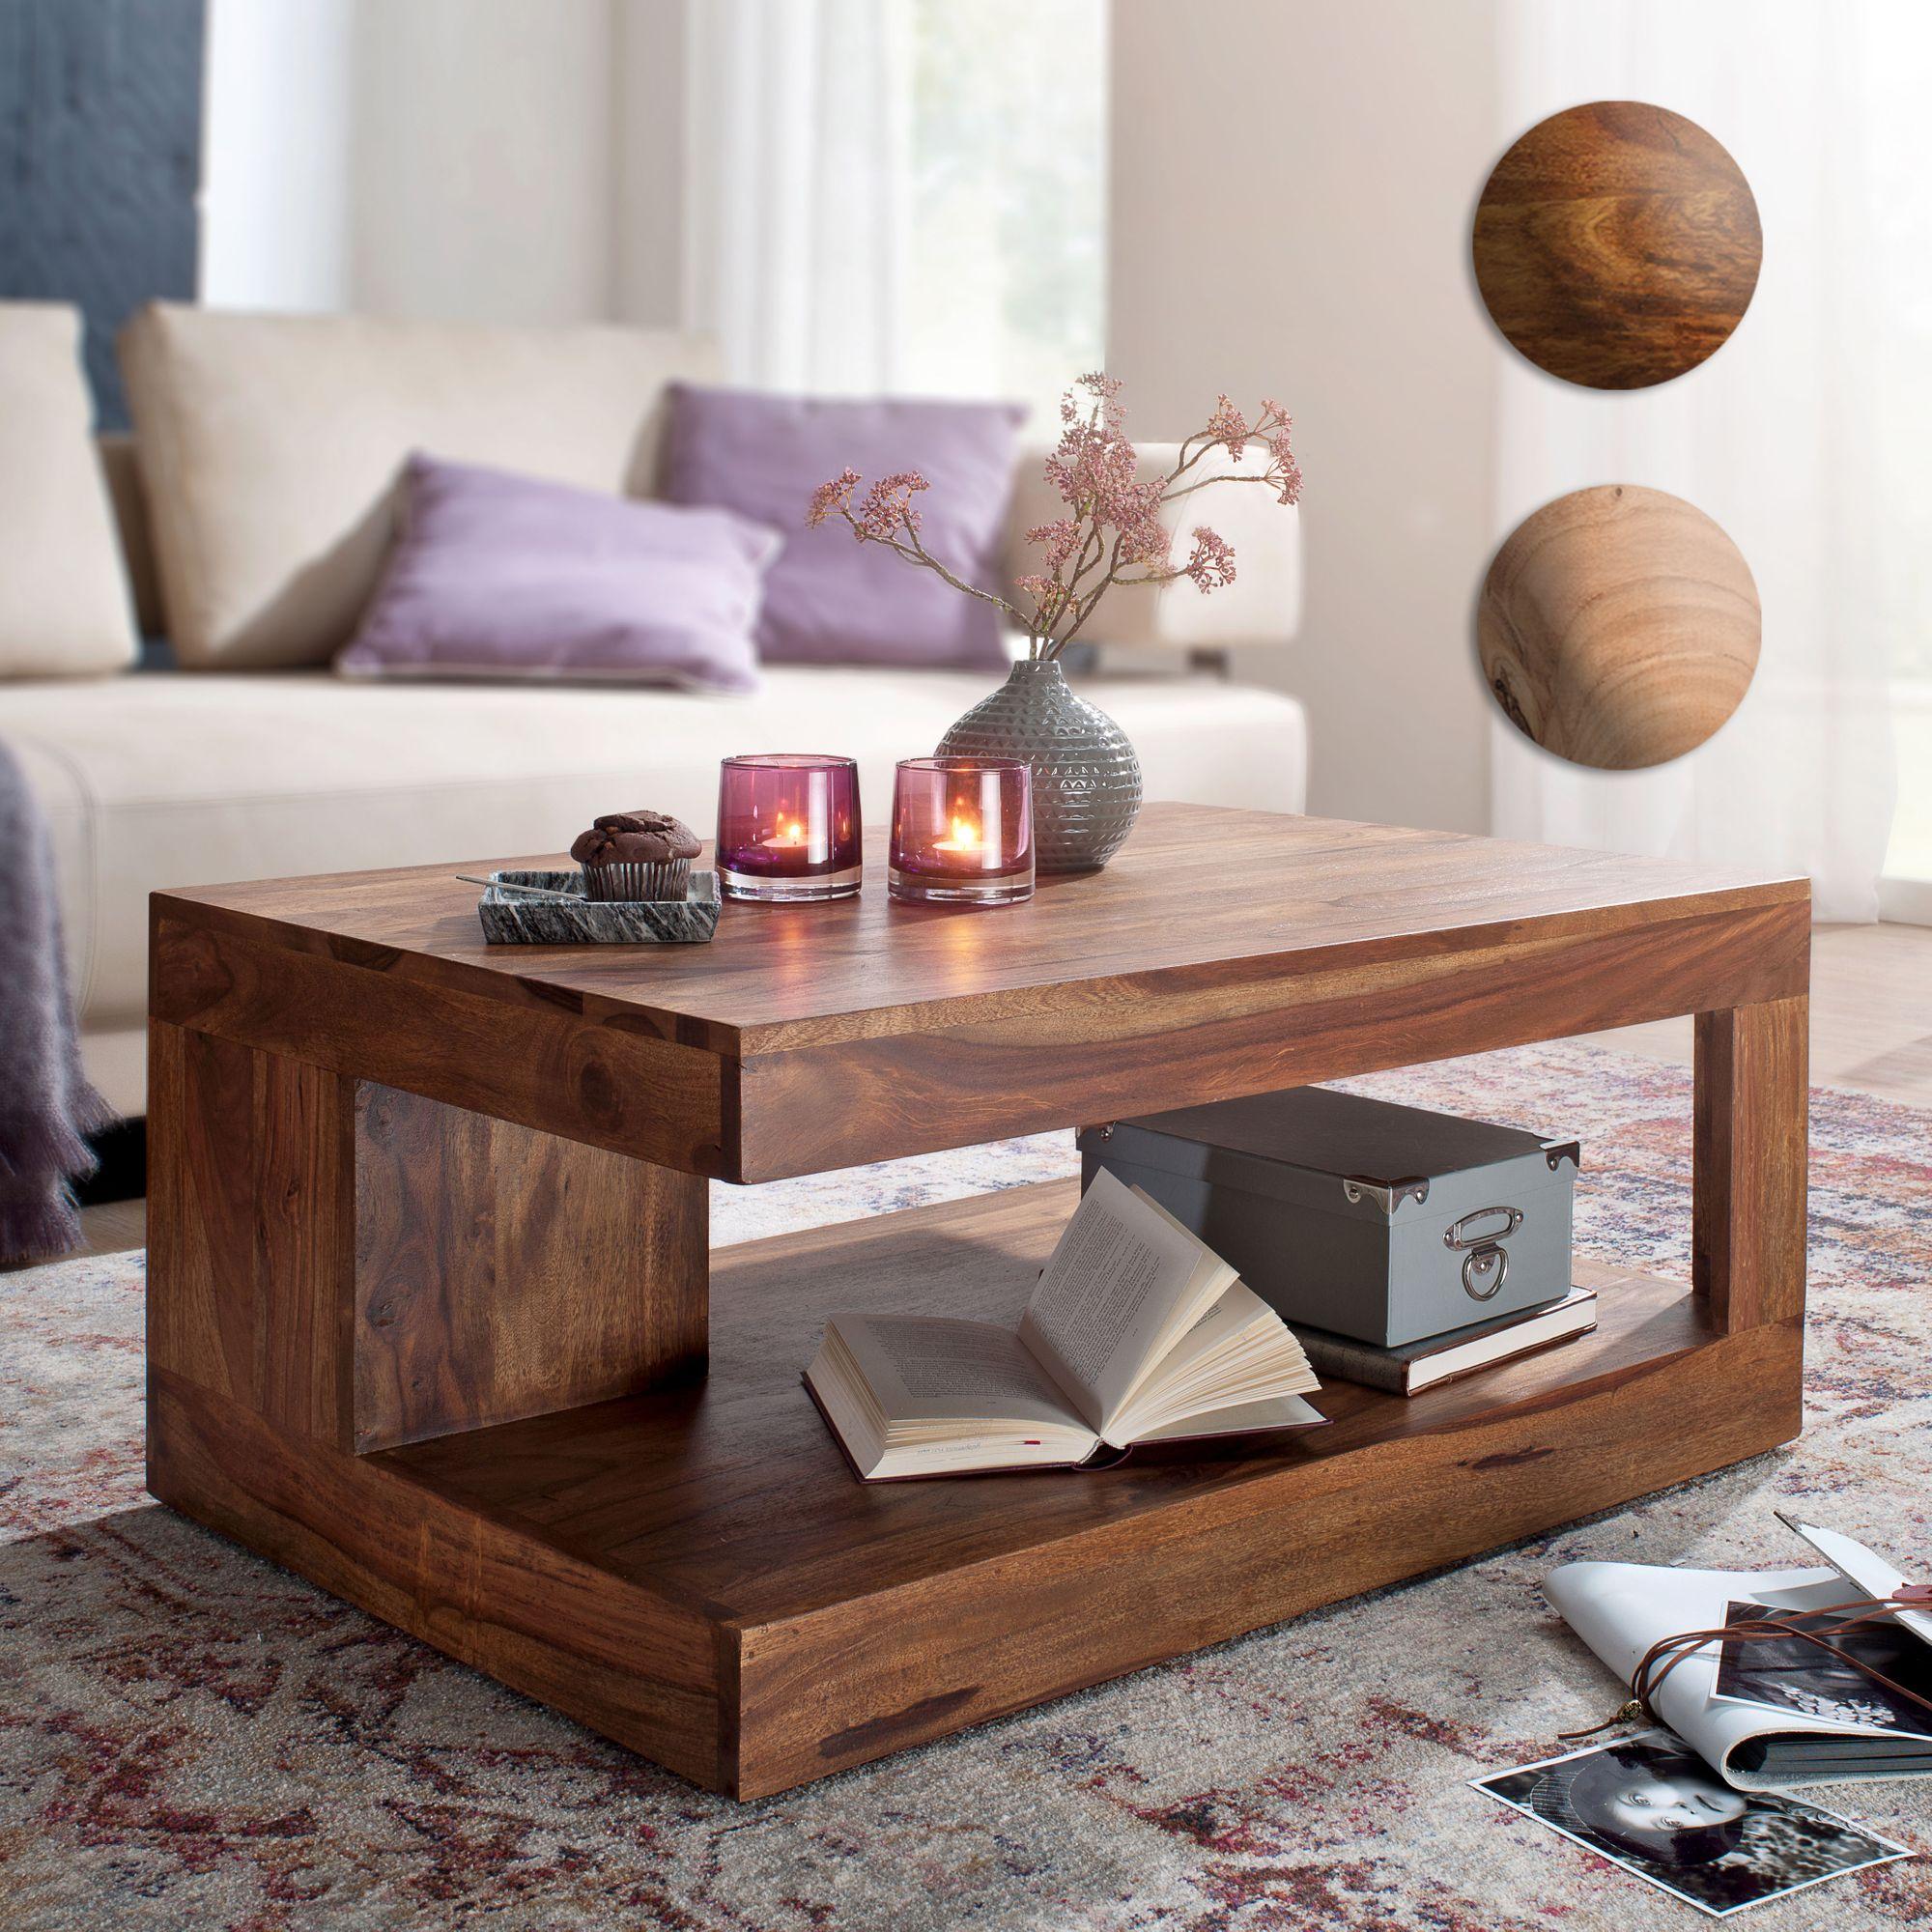 FineBuy Couchtisch Massiv Holz 90 Cm Design Wohnzimmer Tisch Dunkel Braun  Landhaus